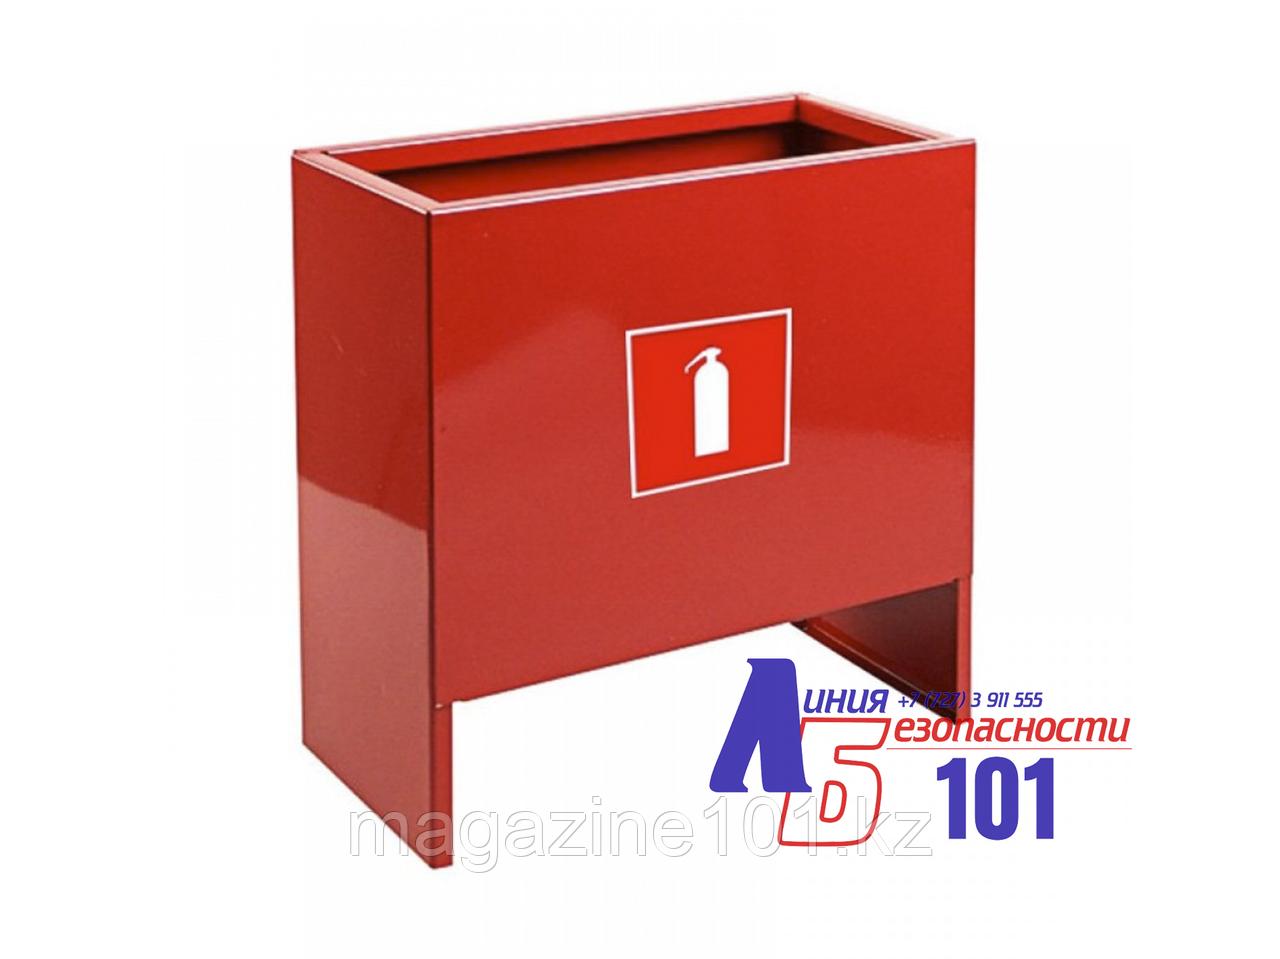 Подставка для двух огнетушителей IRON ПО-20-2